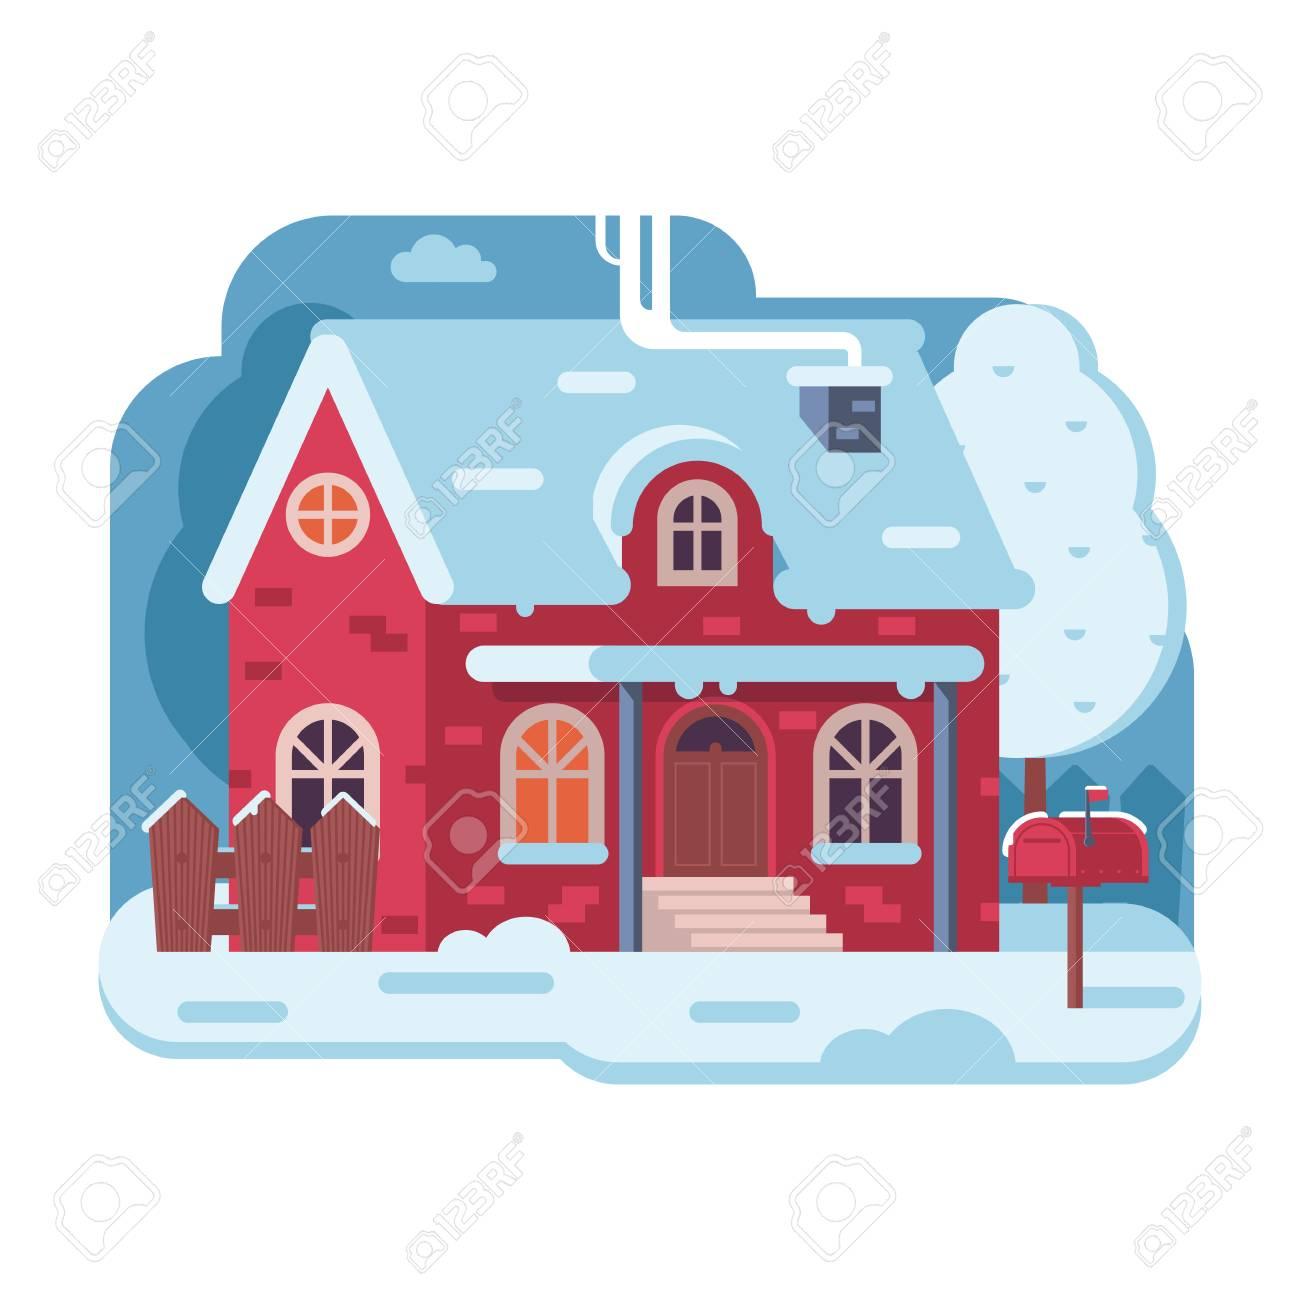 Chalet confortable ou ferme traditionnelle sur la campagne en hiver bannière de paysage de maison enneigé de dessin